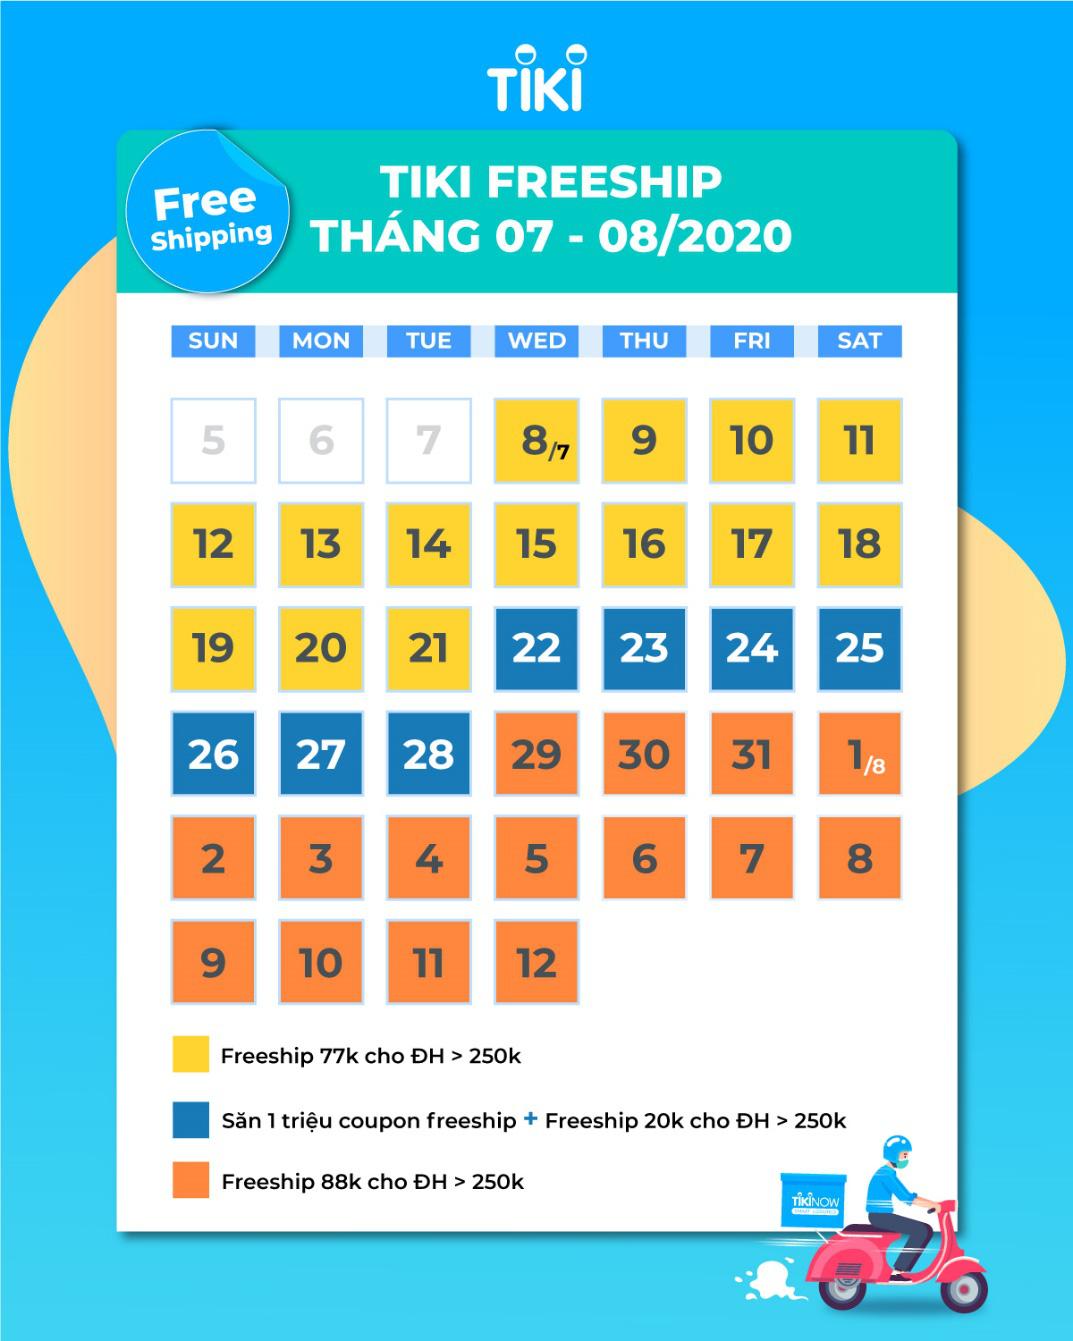 Mát dạ với bão freeship khủng đến 700.000 đồng/khách hàng tại Tiki - Ảnh 1.